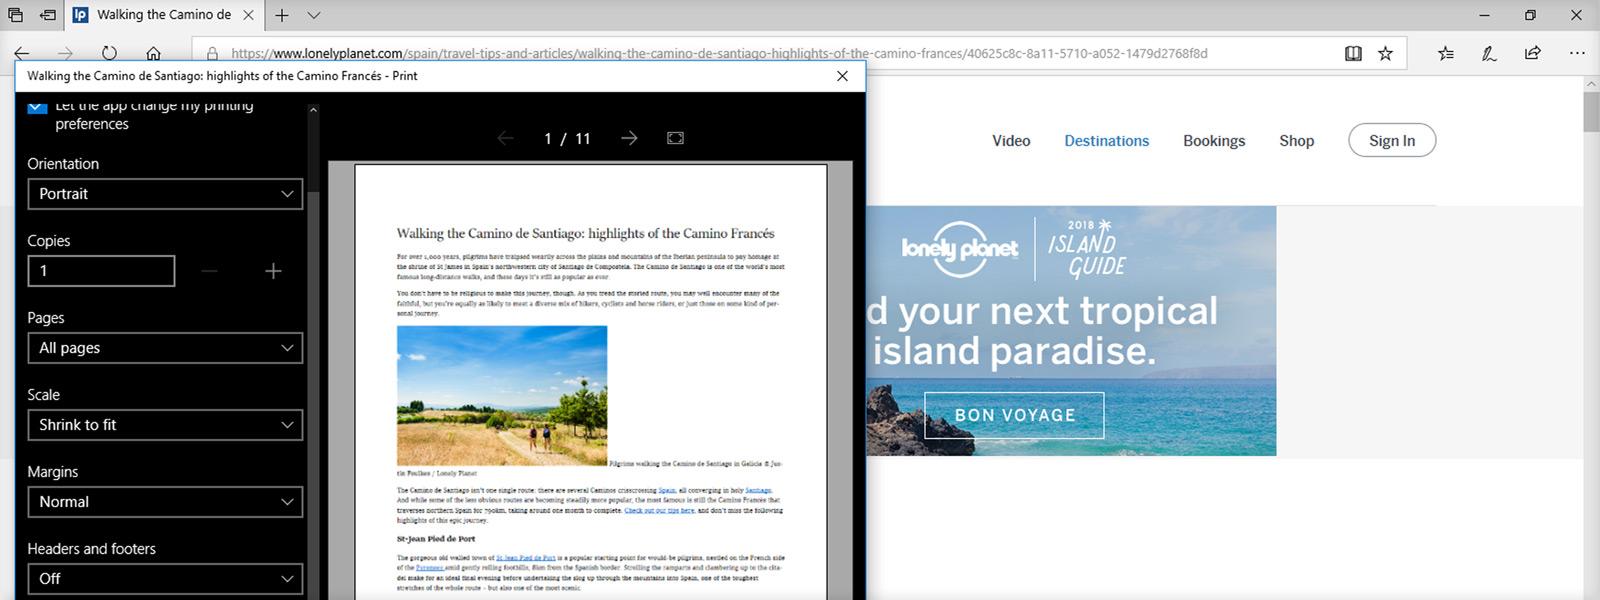 Slika zaslona koja prikazuje pretpregled ispisa u pregledniku Edge u kojem nedostaju oglasi na određenoj web-stranici